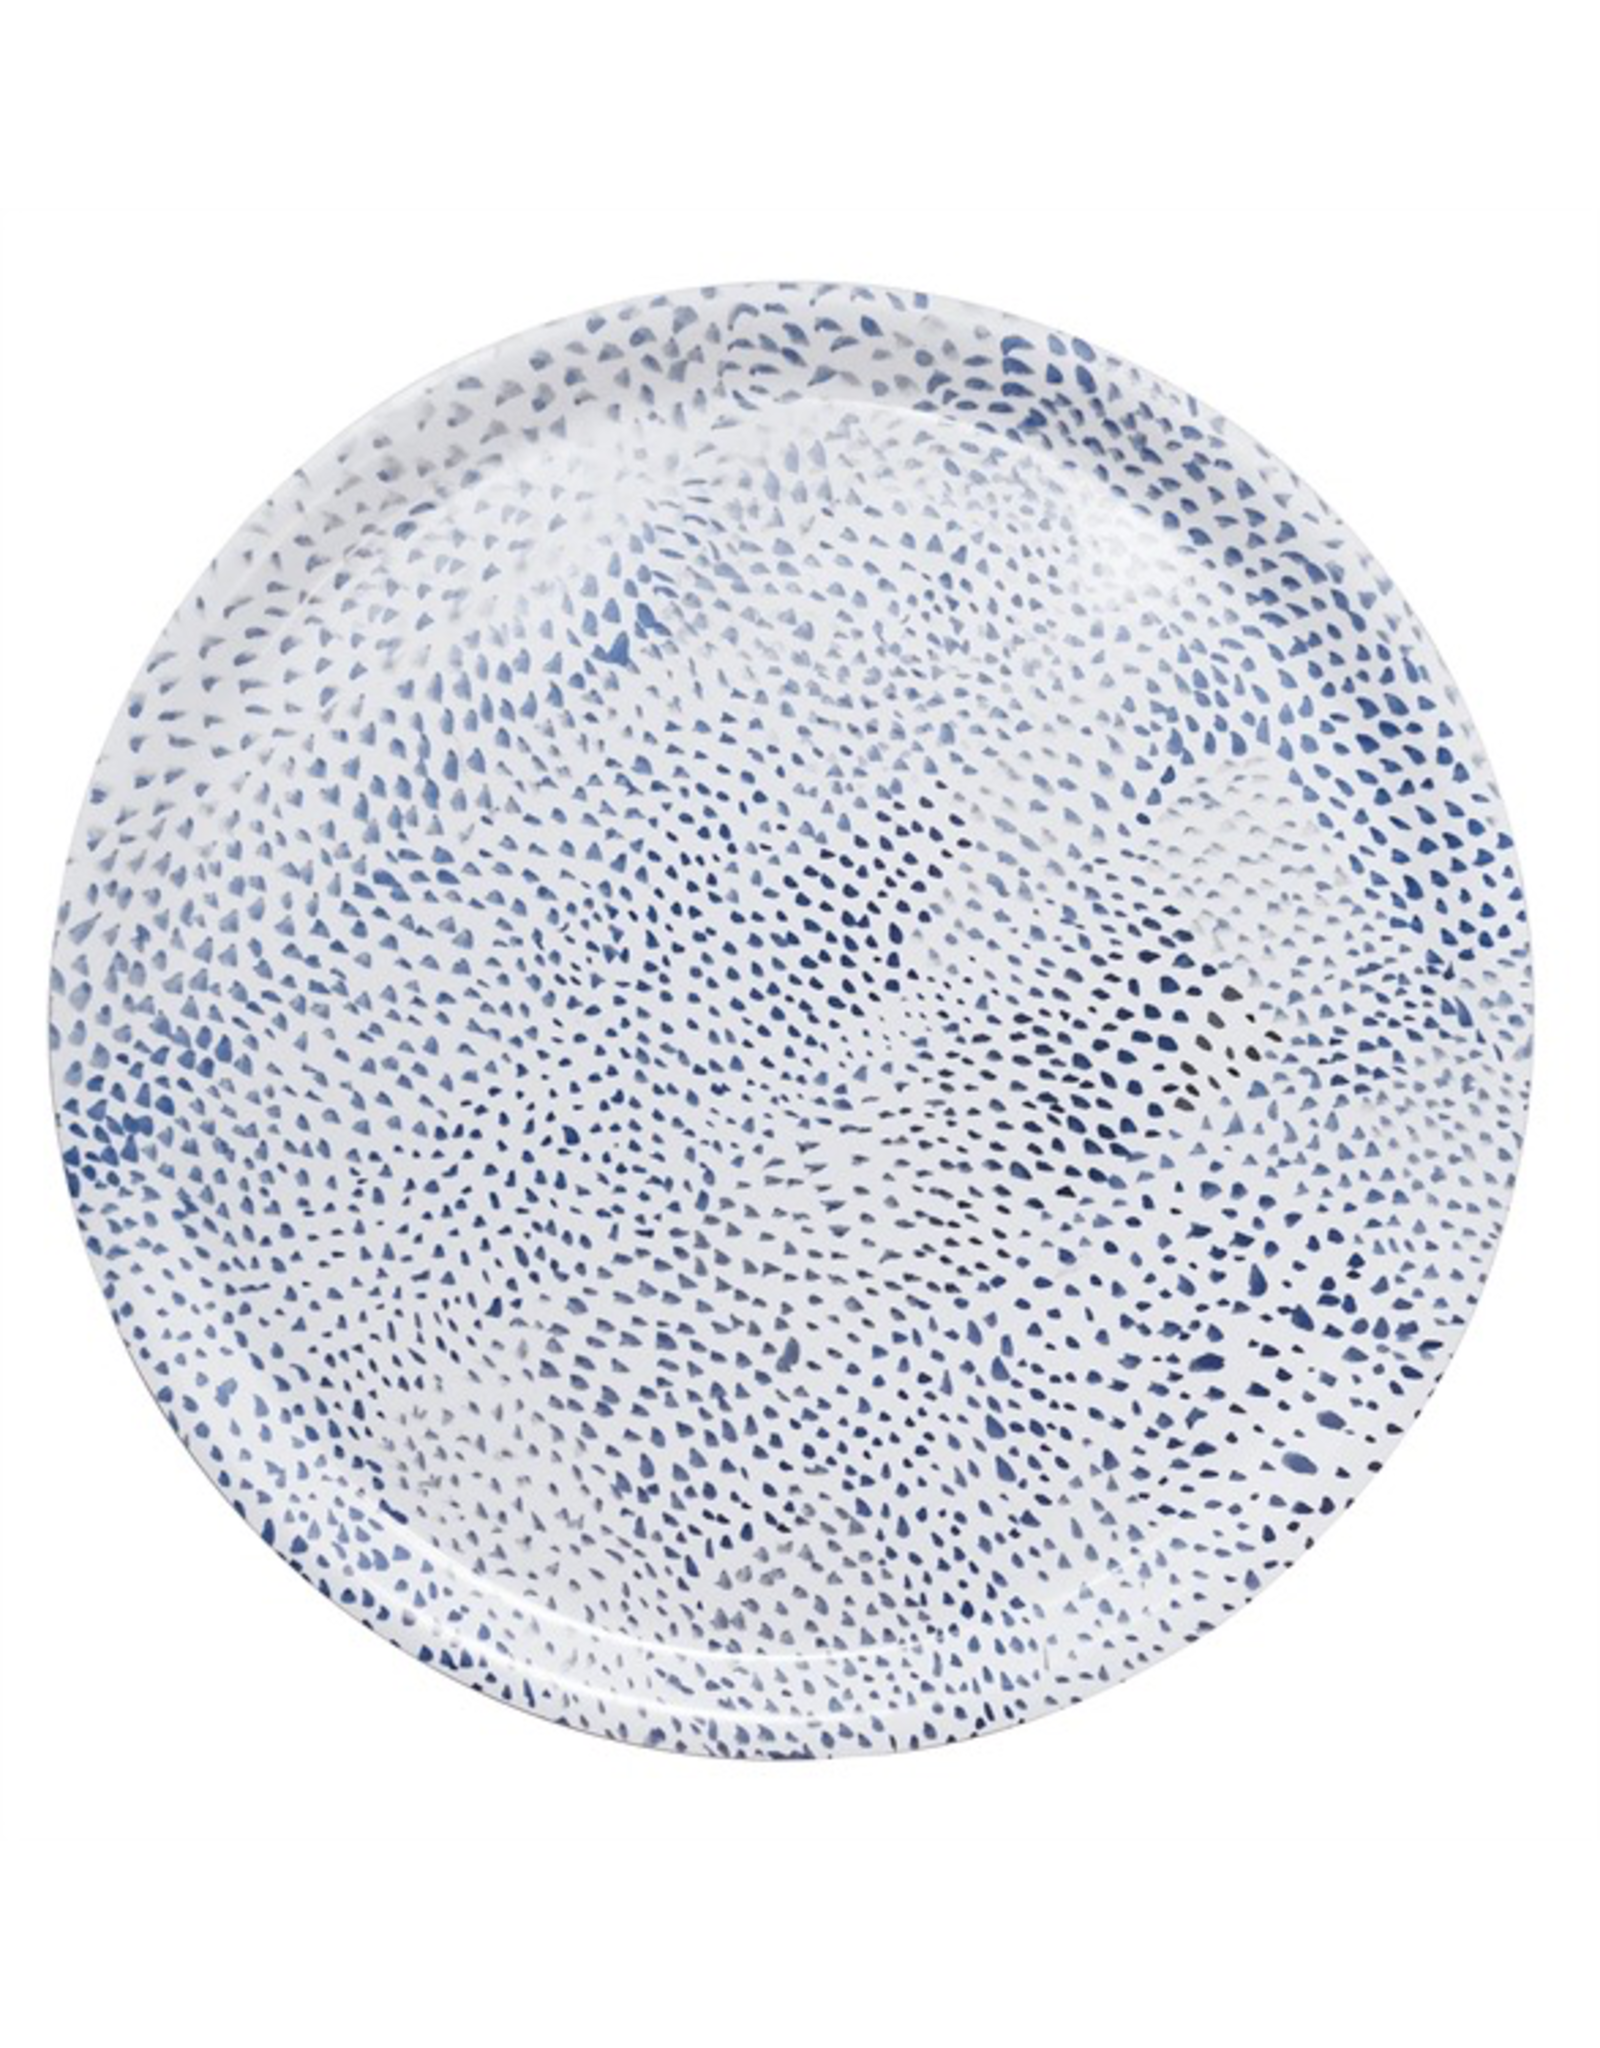 Mariposa Ary Home Blue Dot Round Tray w Melamine Top Coat